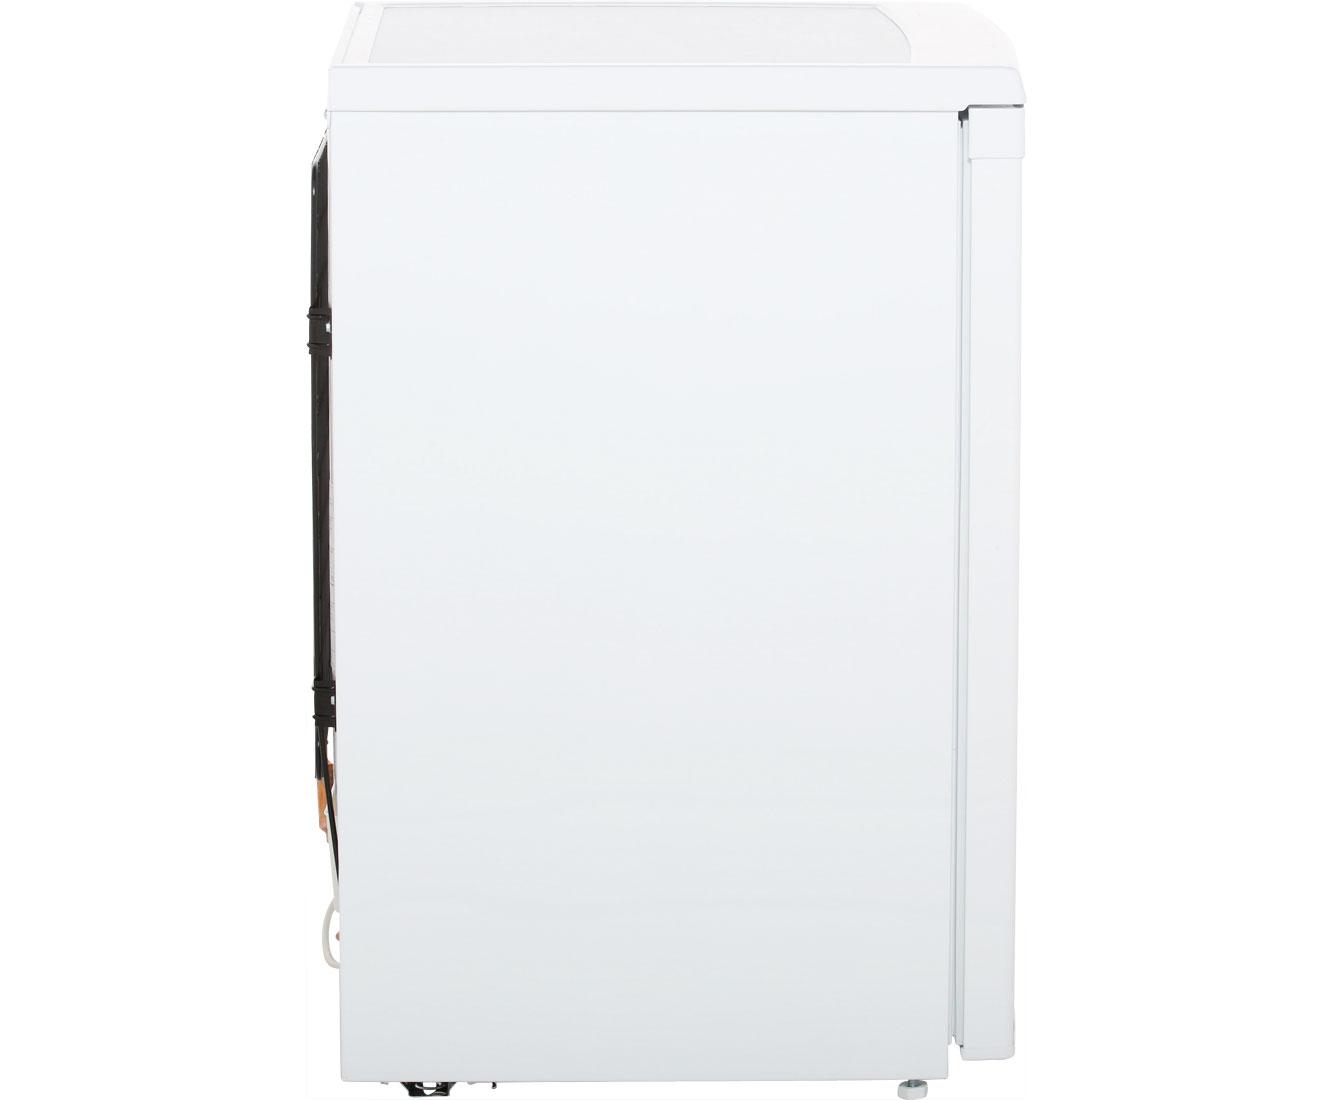 Beko TSE1282 Tisch-Kühlschrank mit Gefrierfach - Weiß, A+